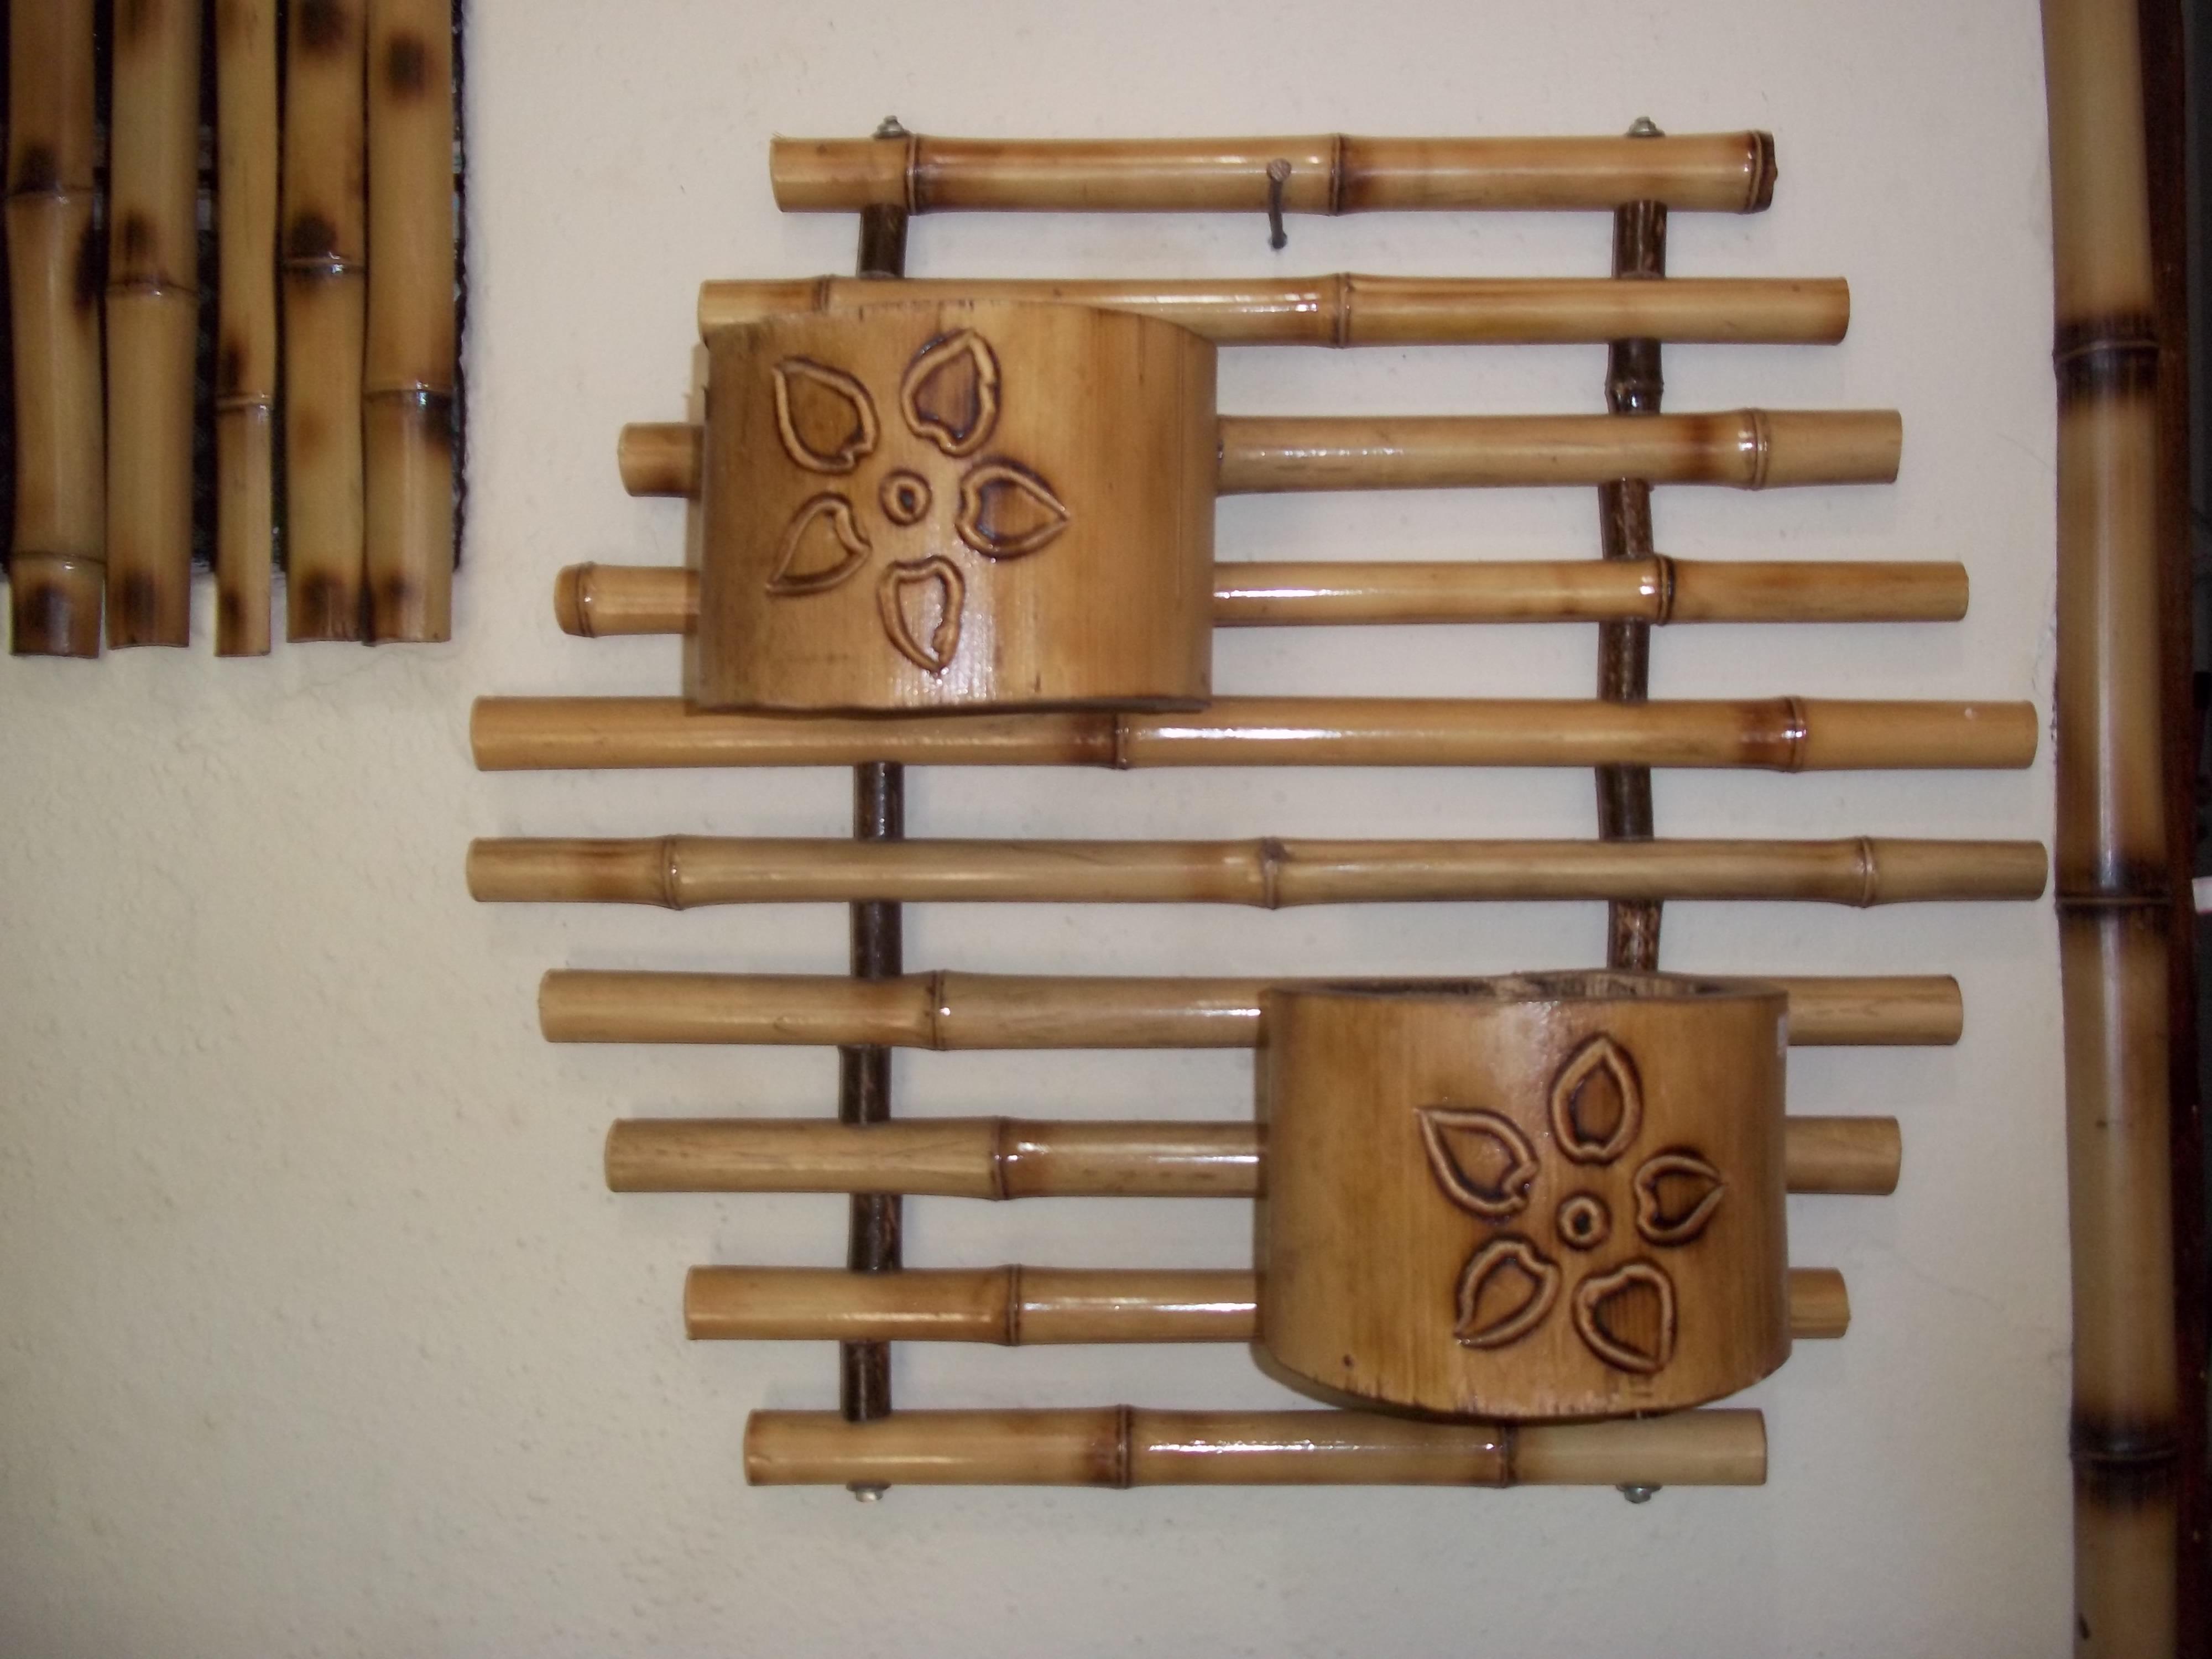 artesanato de bambu para jardim : artesanato de bambu para jardim: de bambu floreira de bambu floreira de bambu floreira de bambu